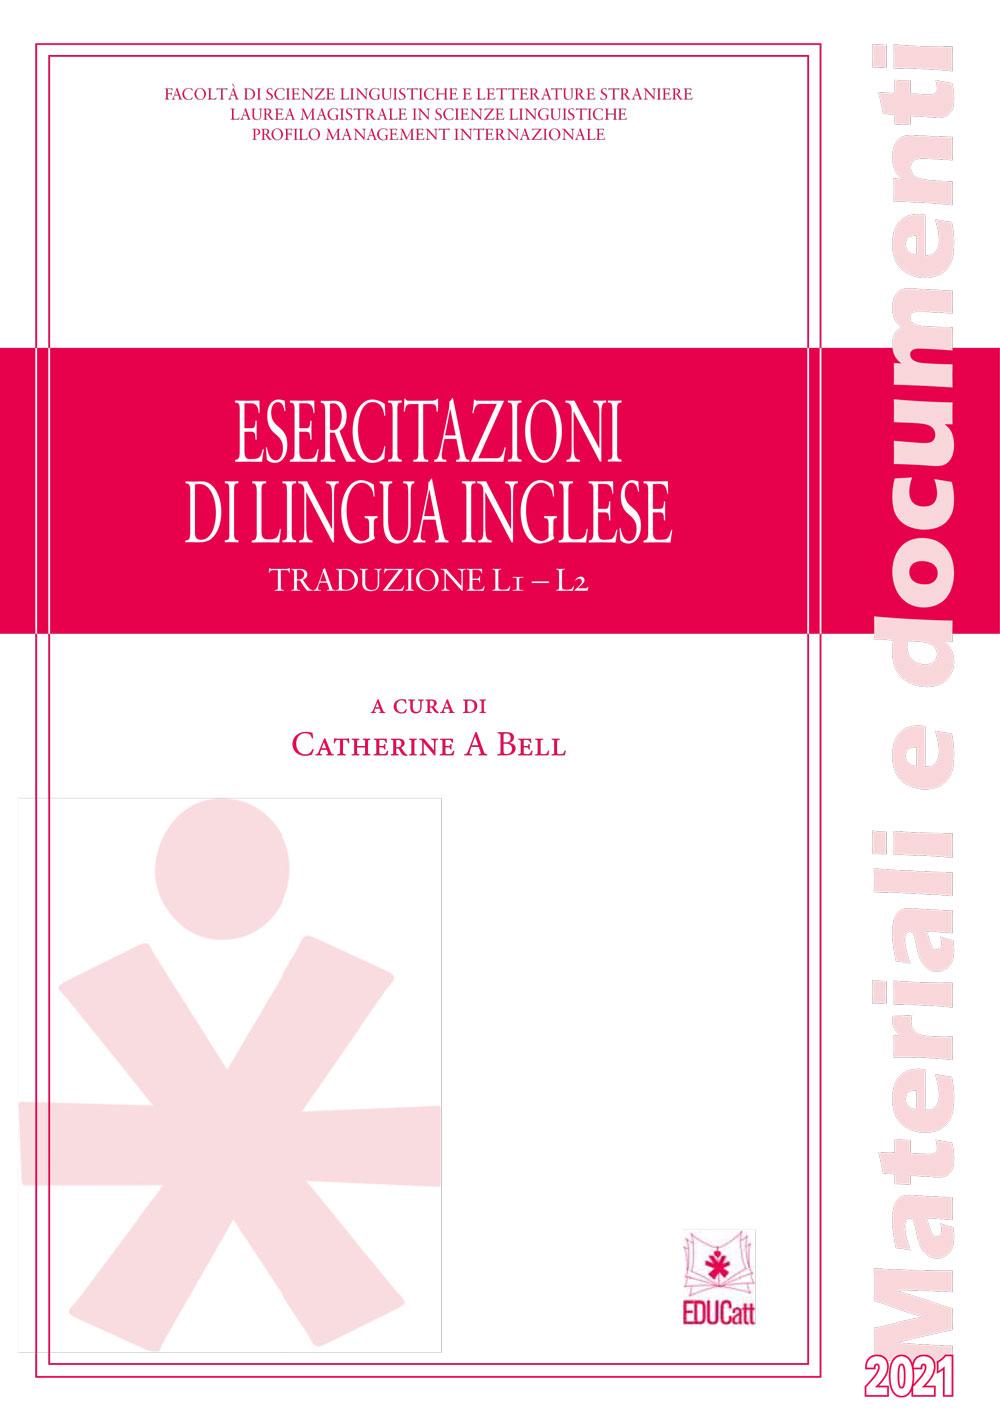 ESERCITAZIONI DI LINGUA INGLESE L1 - L2 (MANAGEMENT INTERNAZIONALE) 2021